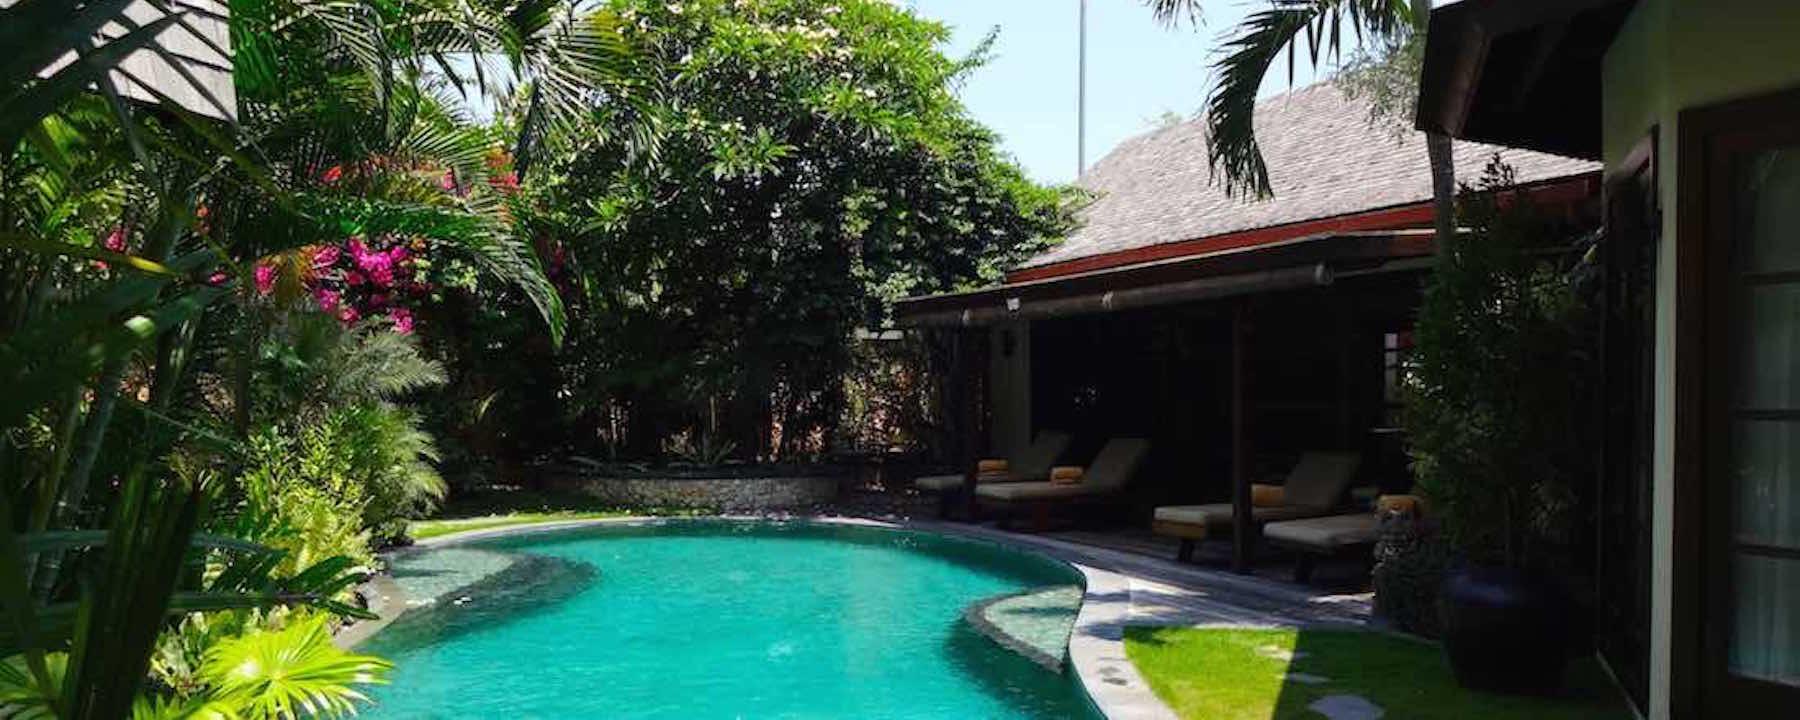 Luxury lataliana villas 200m from the beach in bali - Villas en bali ...